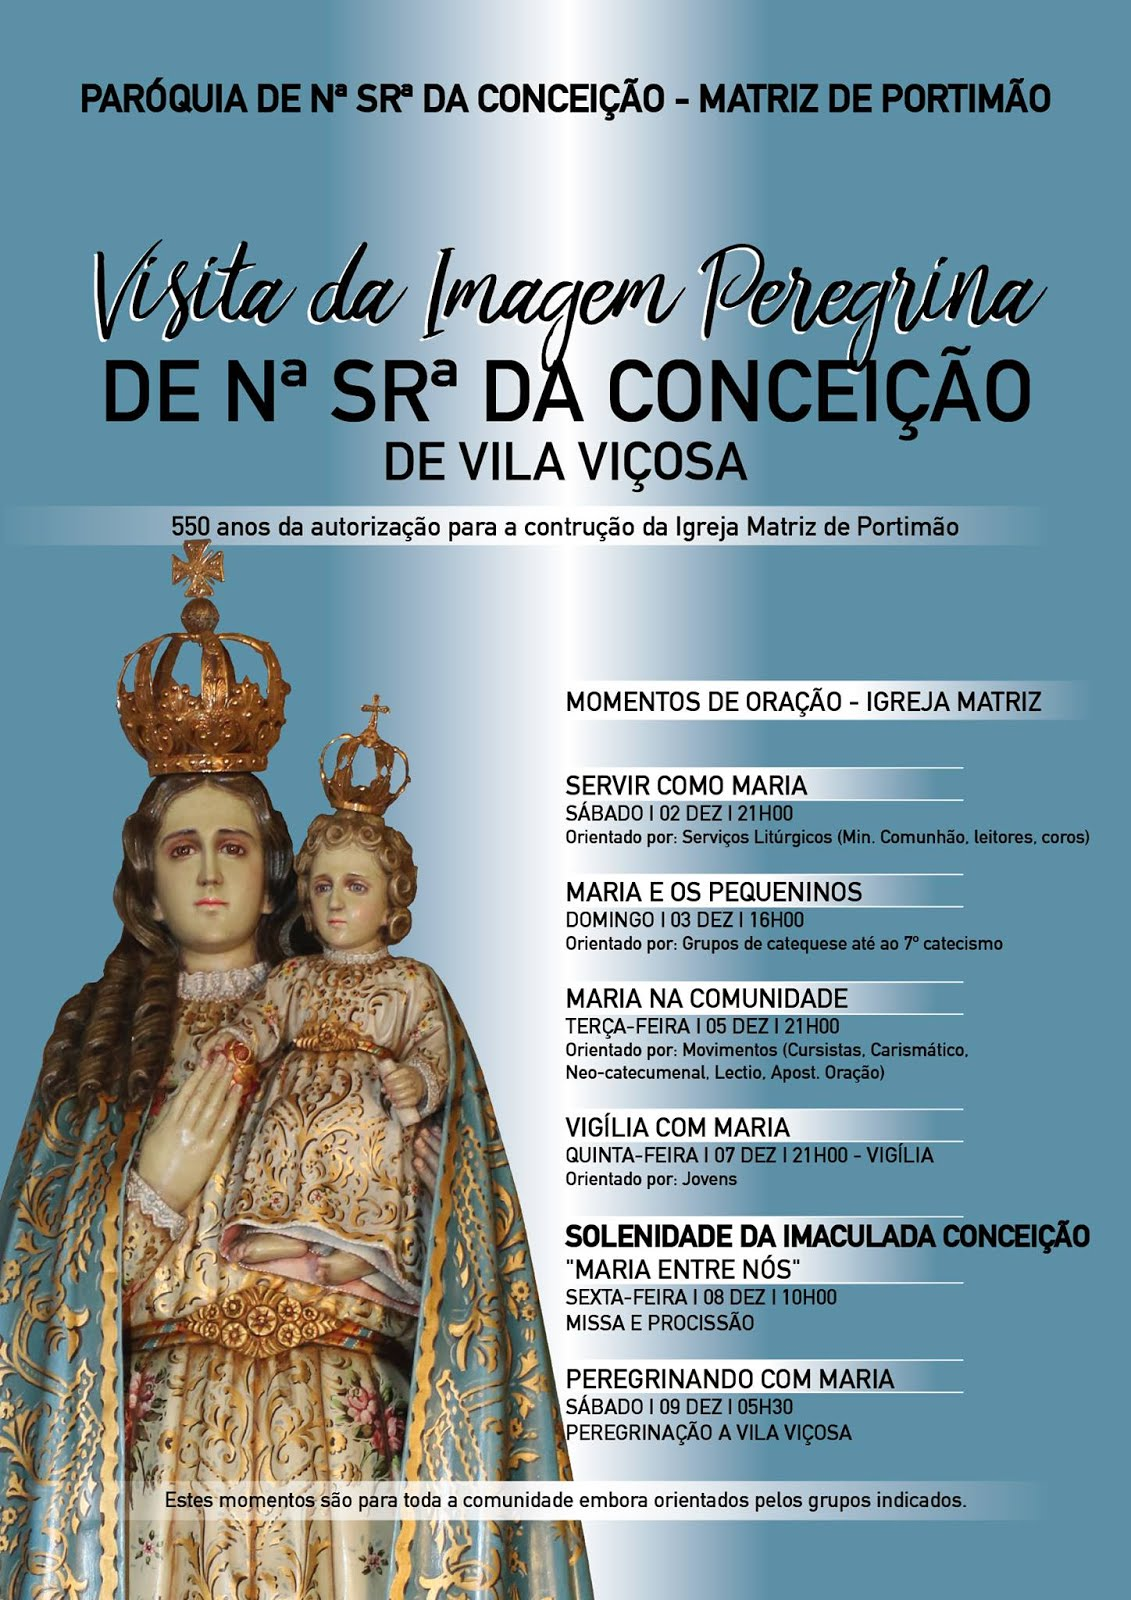 Visita Imagem Nª Srª Conceição/Vila Viçosa